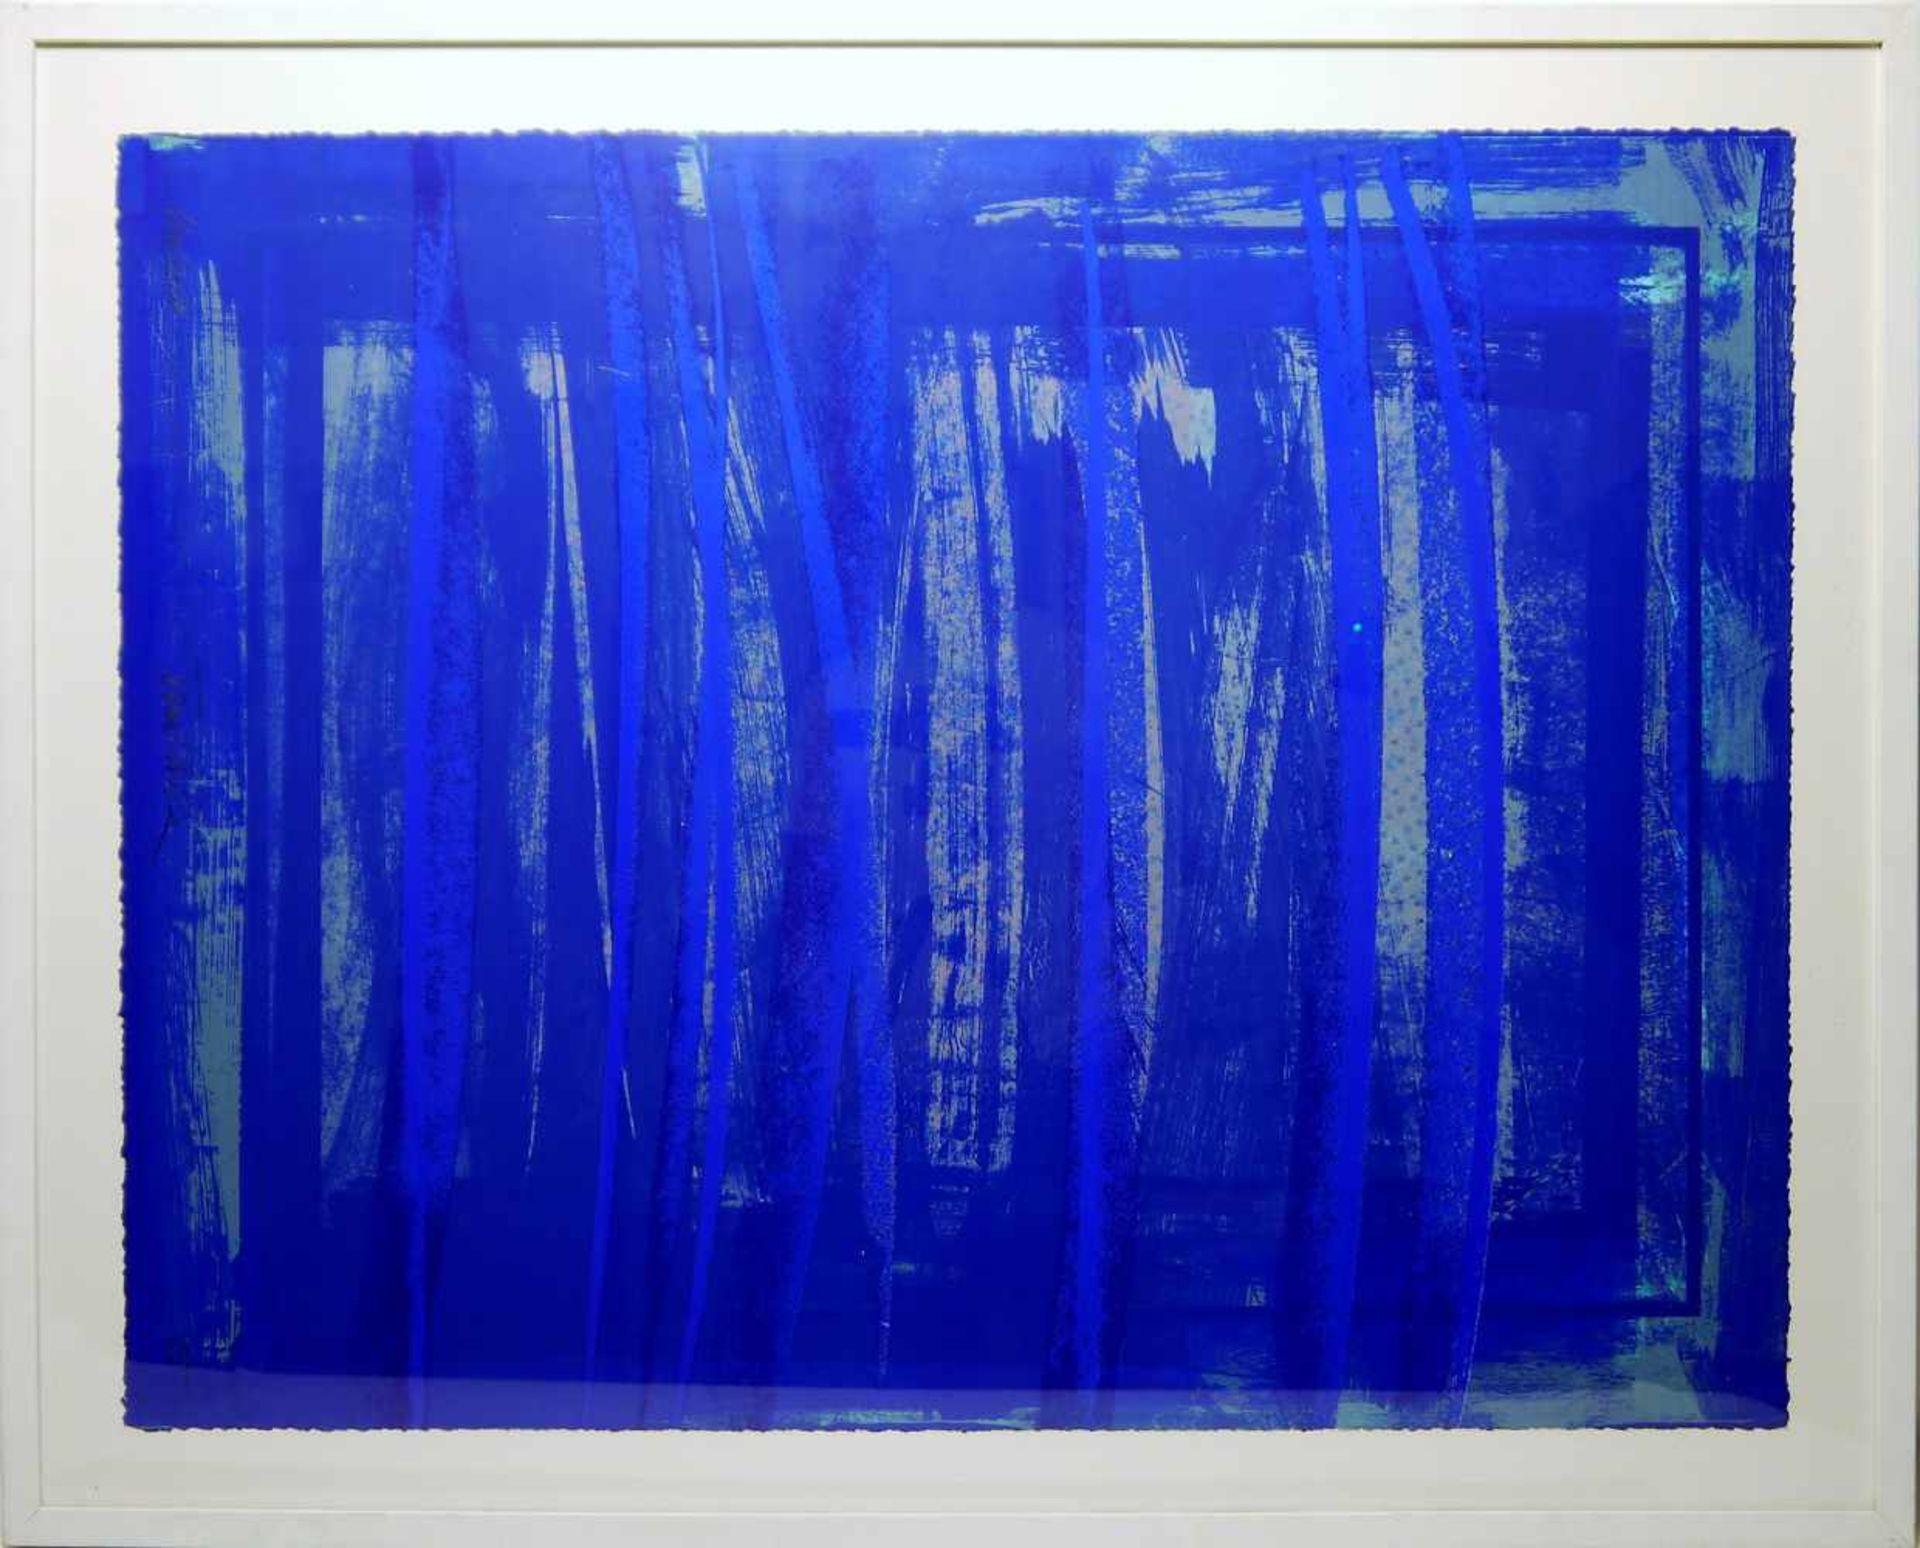 Los 54 - RÜDIGER TAMSCHIK. Komposition in Blau, 20. Jahrhundert, signiert Serigrafie von Rüdiger Tamschik (*